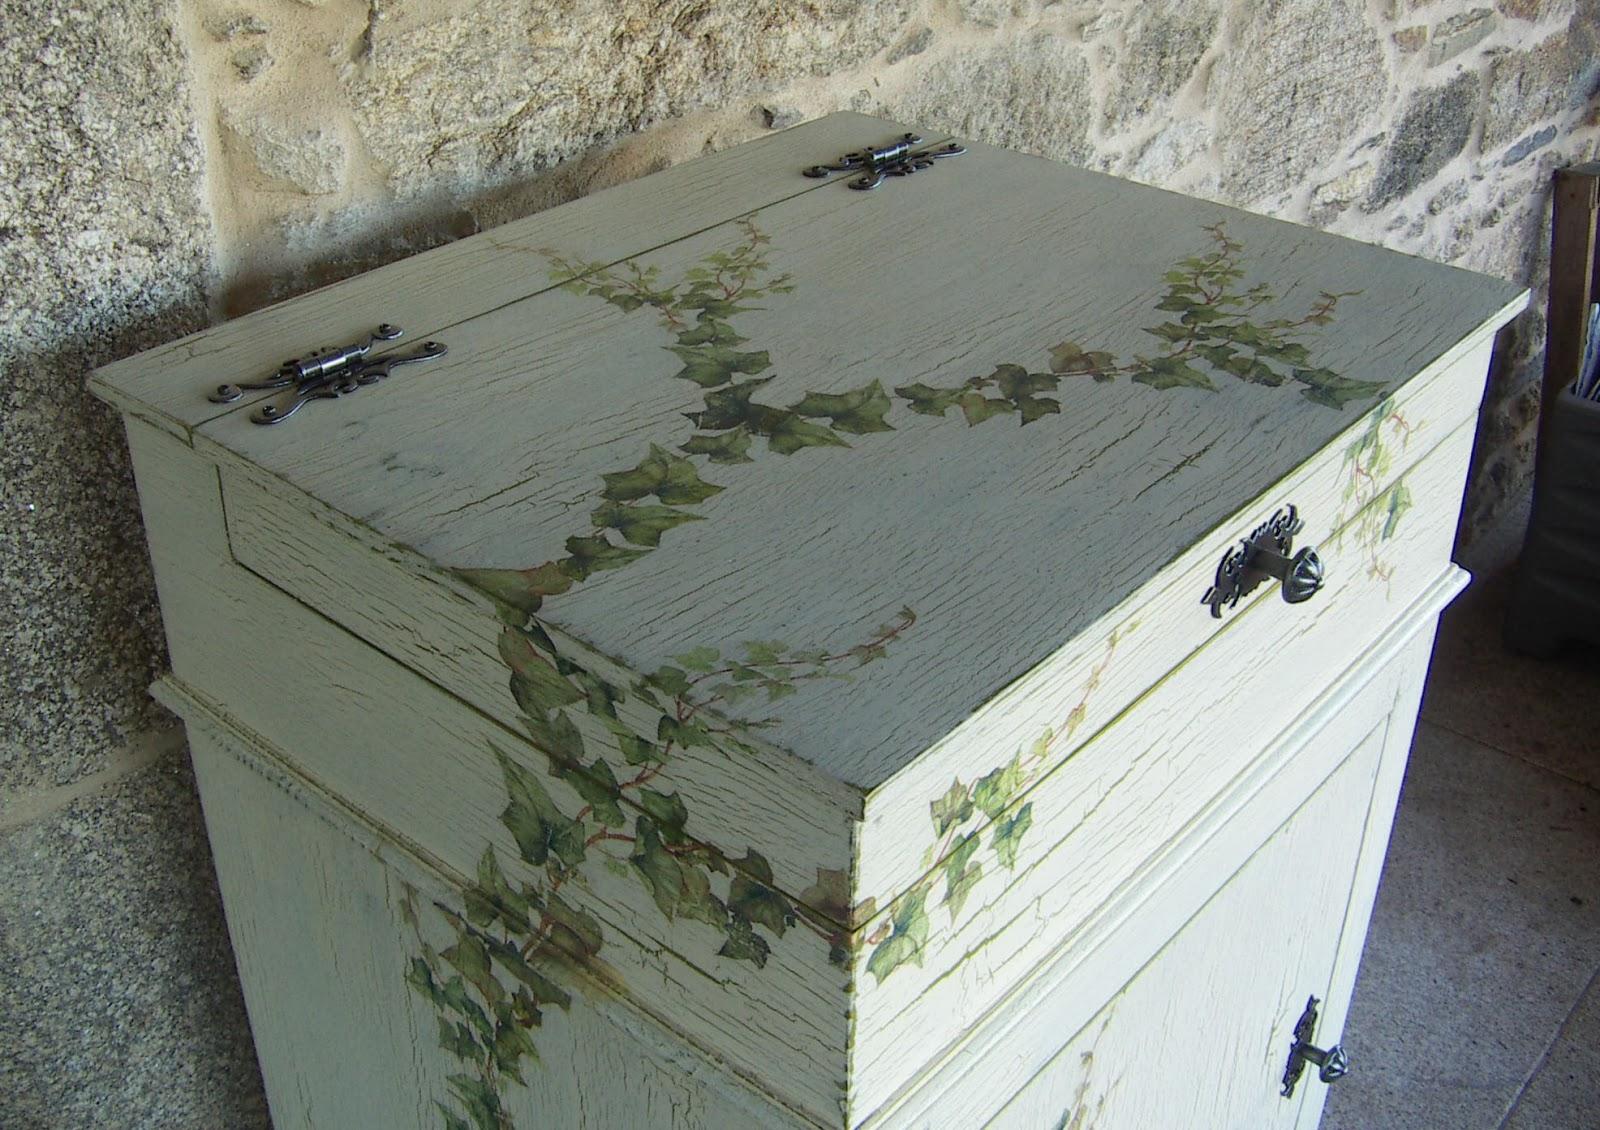 El rinc n de un aprendiz hacer un mueble con un acabado for Decoupage con servilletas en muebles